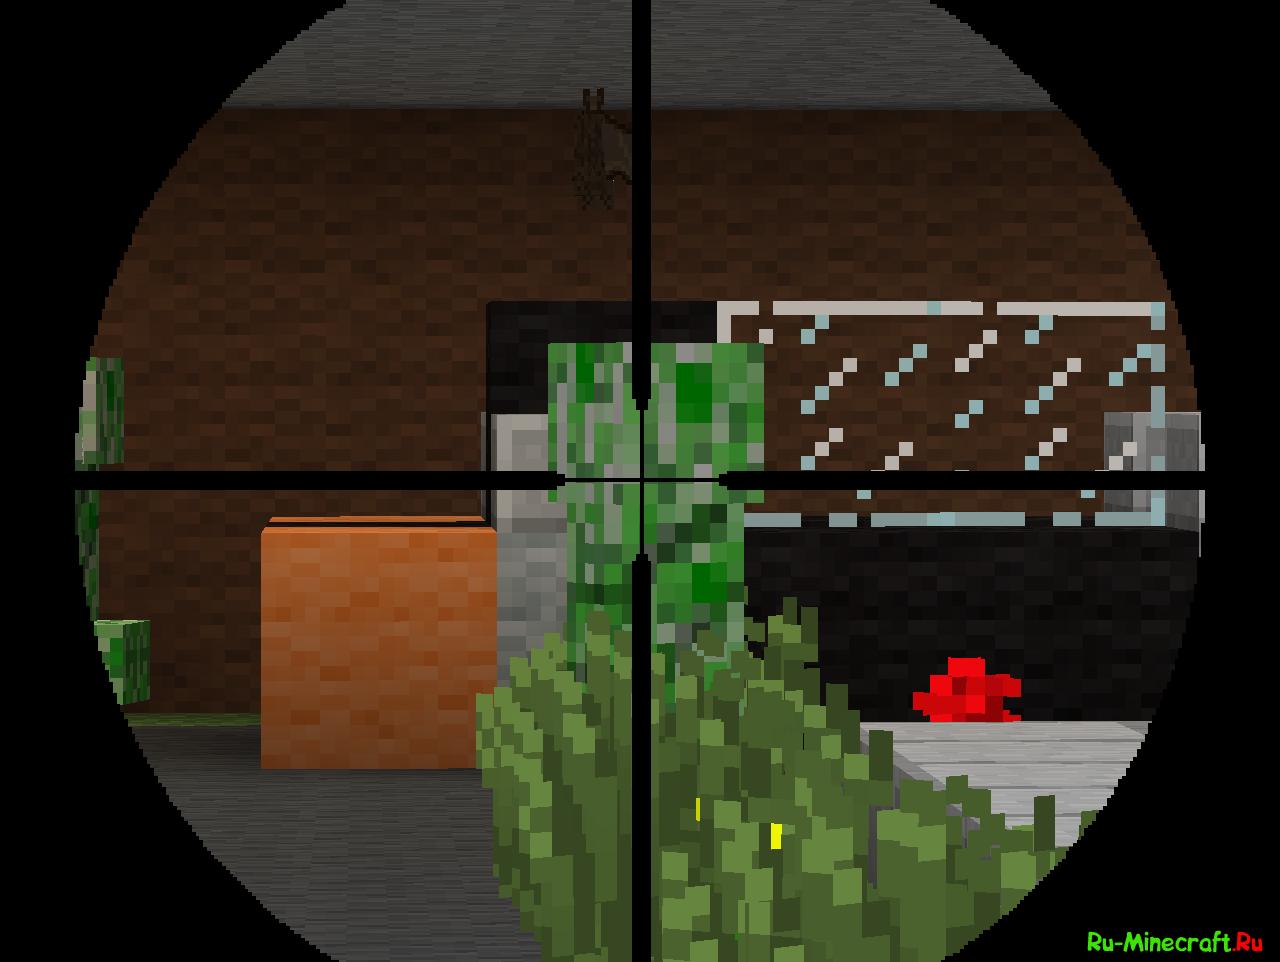 Скачать mafia 2 pack к flan s mod для minecraft 1.5.2